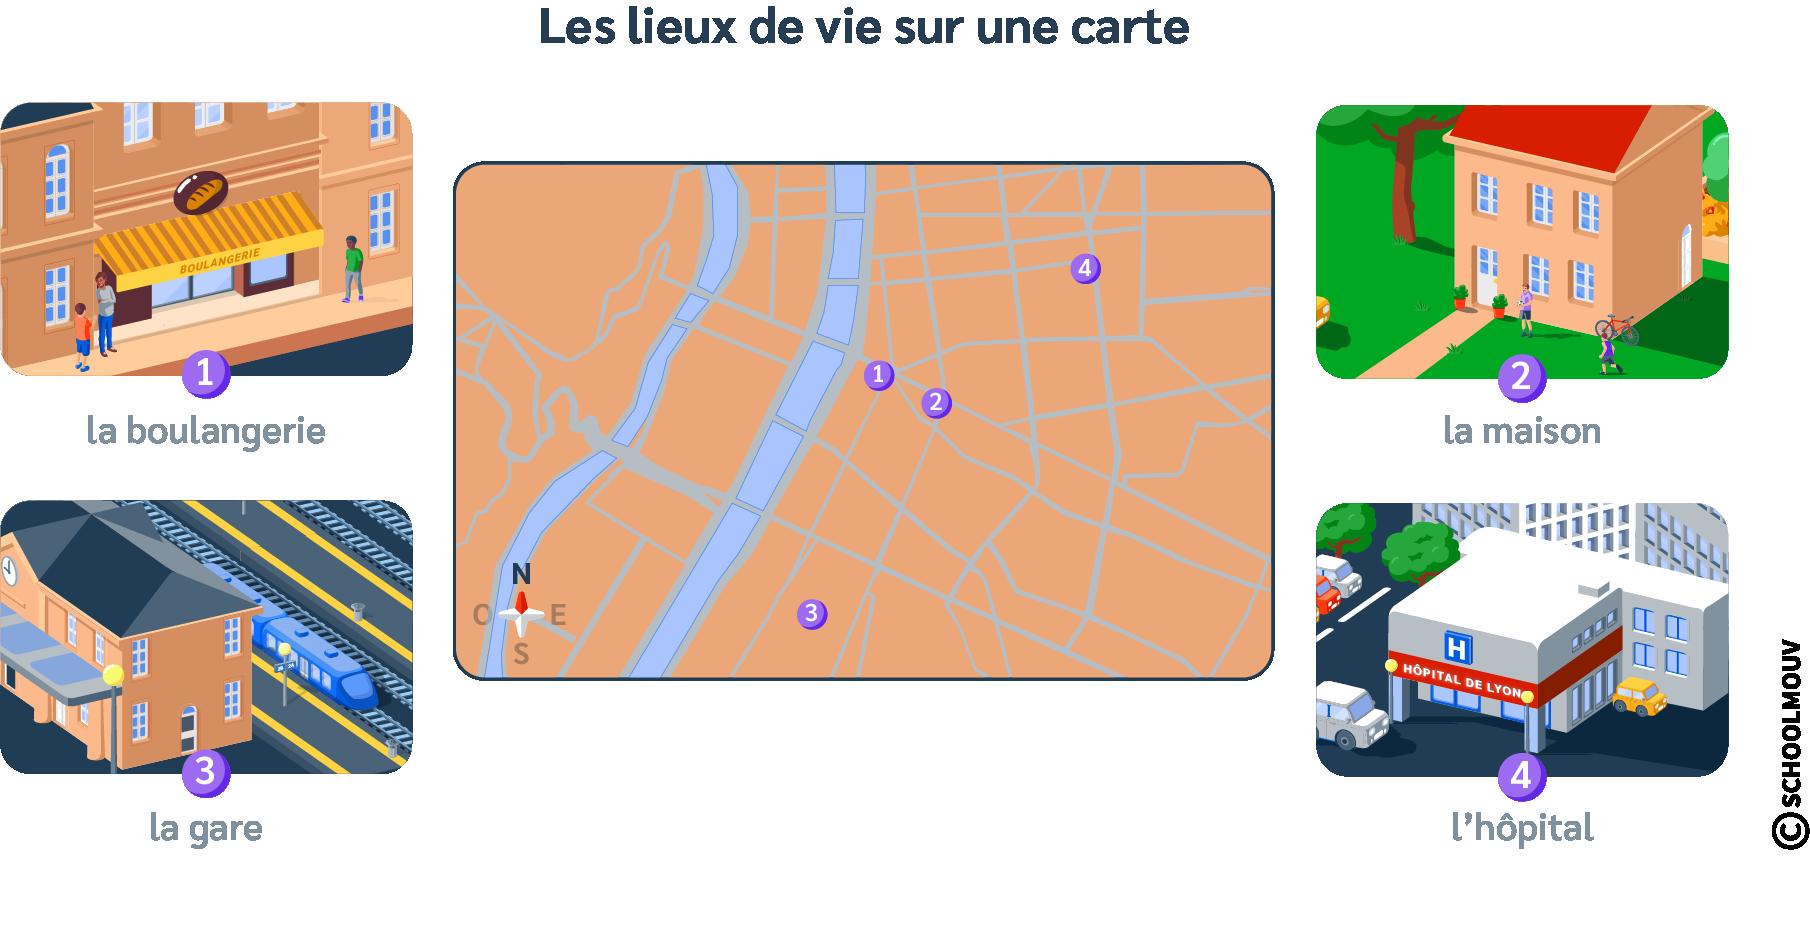 Lieu de vie - Carte - Emplacement - Lyon - Distance - SchoolMouv - Géographie - CM1